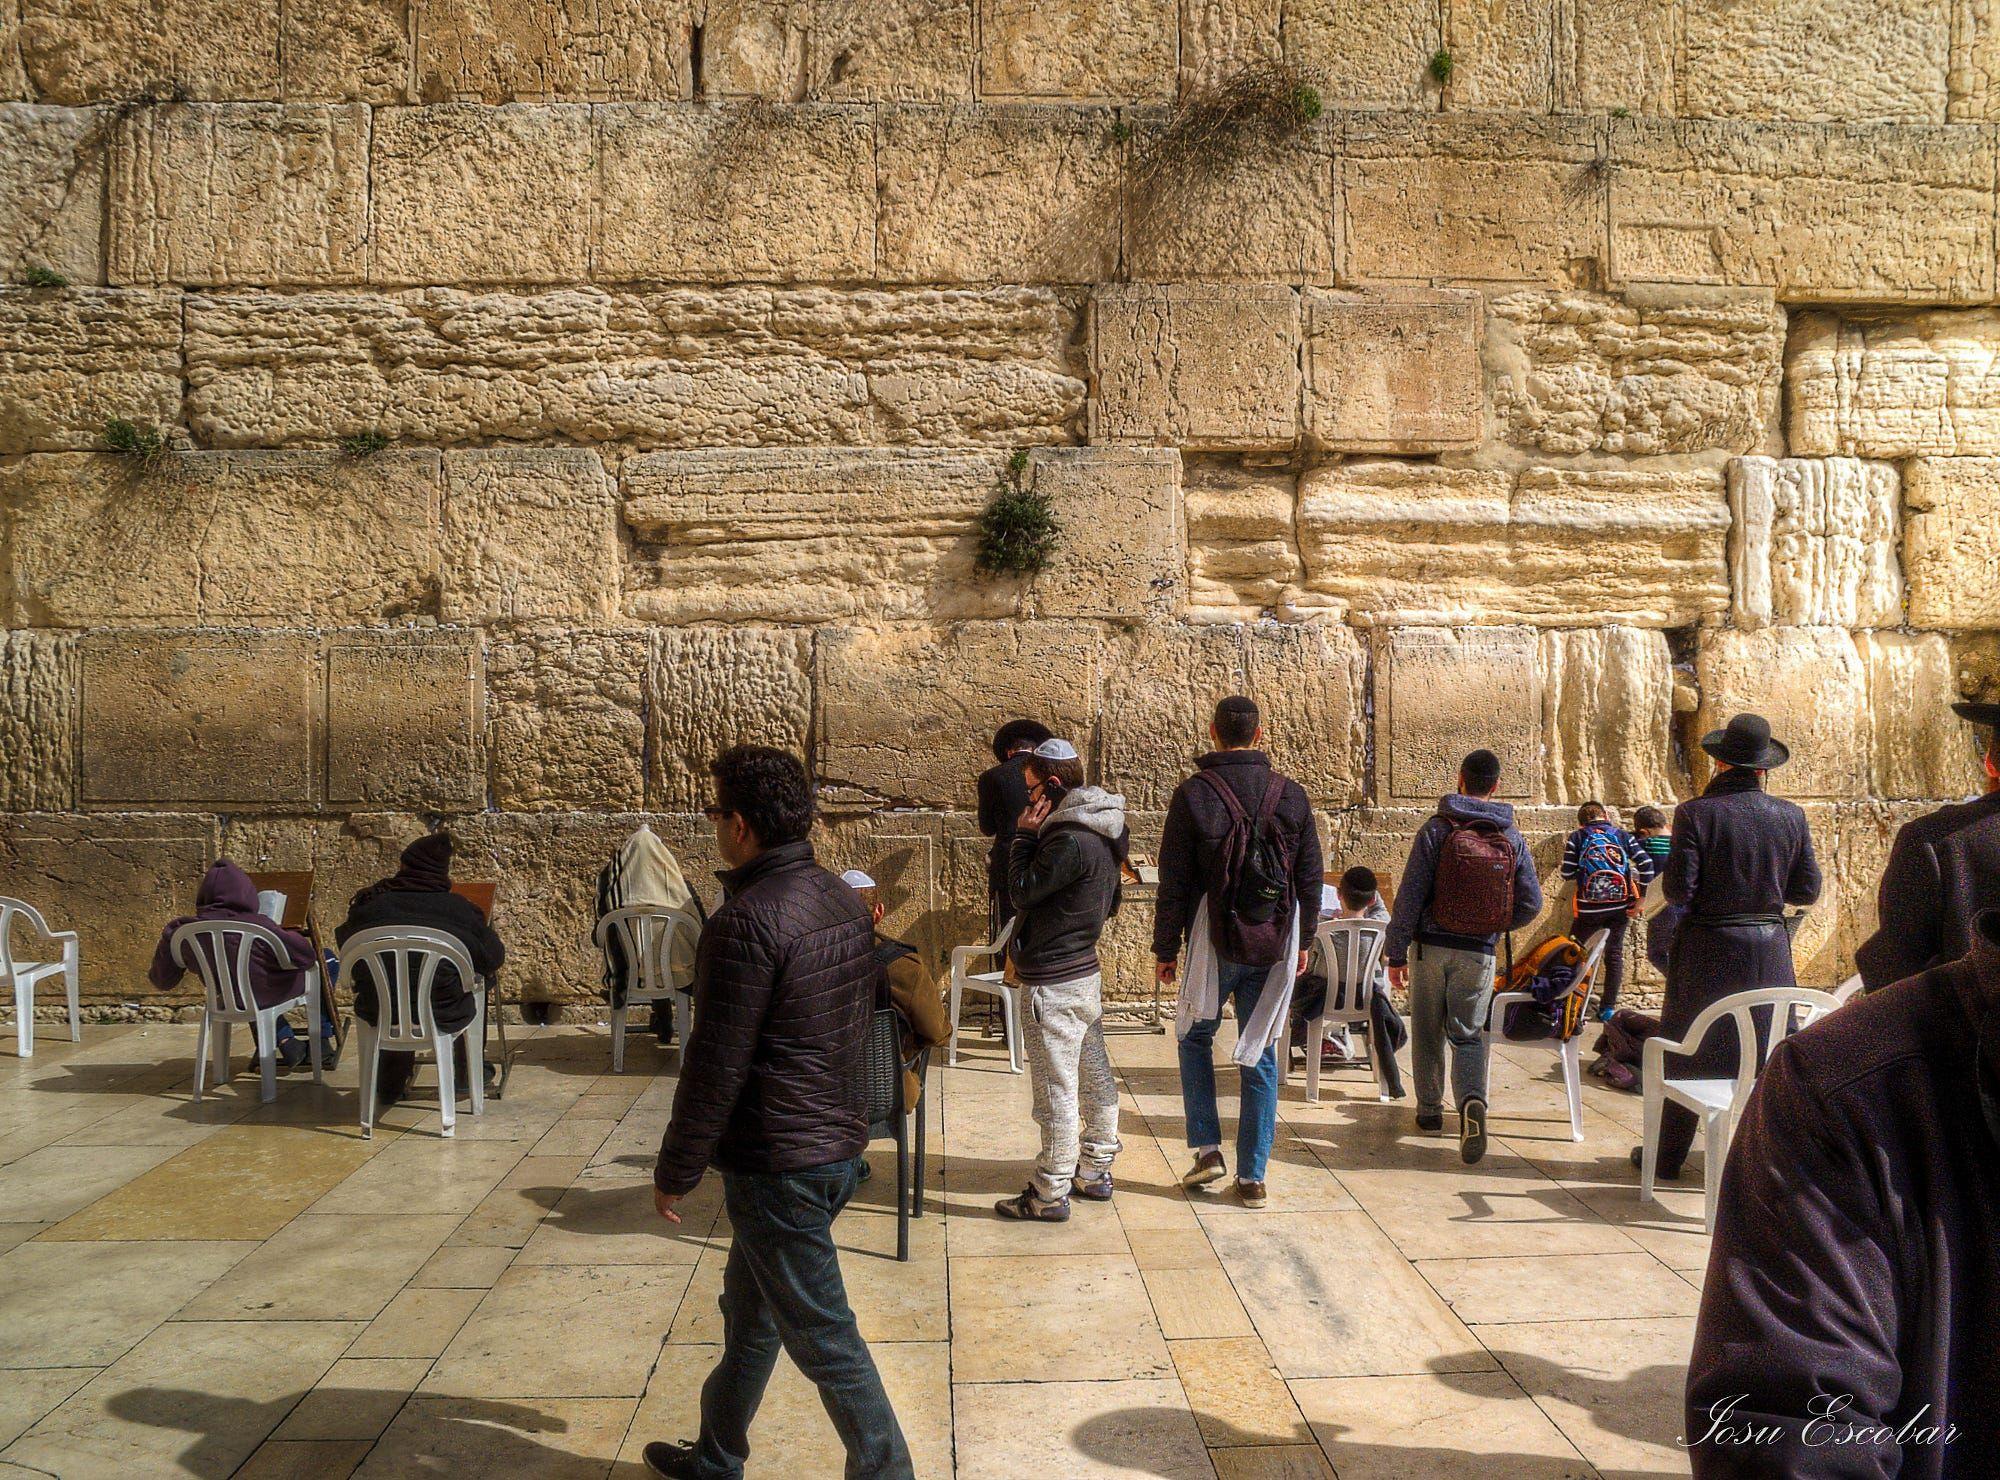 """El Muro de las Lamentaciones o Muro de los Lamentos (en hebreo, הַכֹּתֶל הַמַעֲרָבִי [Hakótel Hama'araví] (abreviado Kotel), en árabe: حائط البراق [Ḥā'iṭ al-Burāq], lit. «Muro de Buraq») es el lugar más sagrado del judaísmo, vestigio del Templo de Jerusalén. Su nombre en hebreo significa simplemente """"muro occidental"""". Data de finales del período del Segundo Templo y hasta hace poco se creía que fue construido cerca del 19 a. C. por Herodes el Grande. Según hallazgos en ex..."""